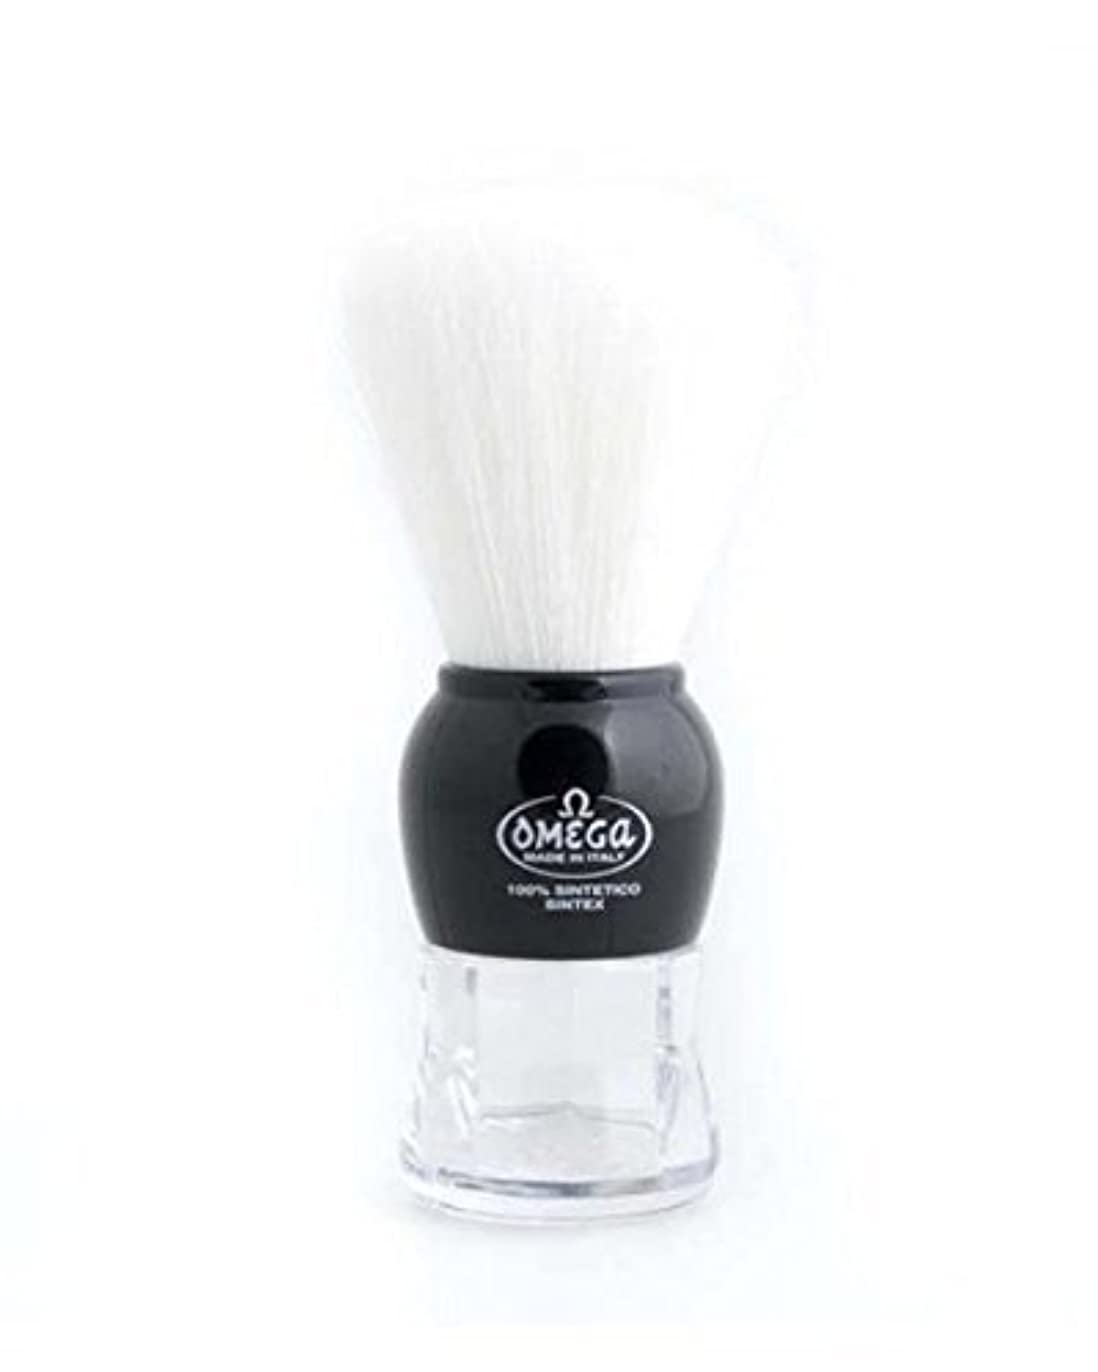 バンジージャンプオレンジ現金Omega Shaving Brush # 90072 100% Synthetic Syntex BLACK [並行輸入品]